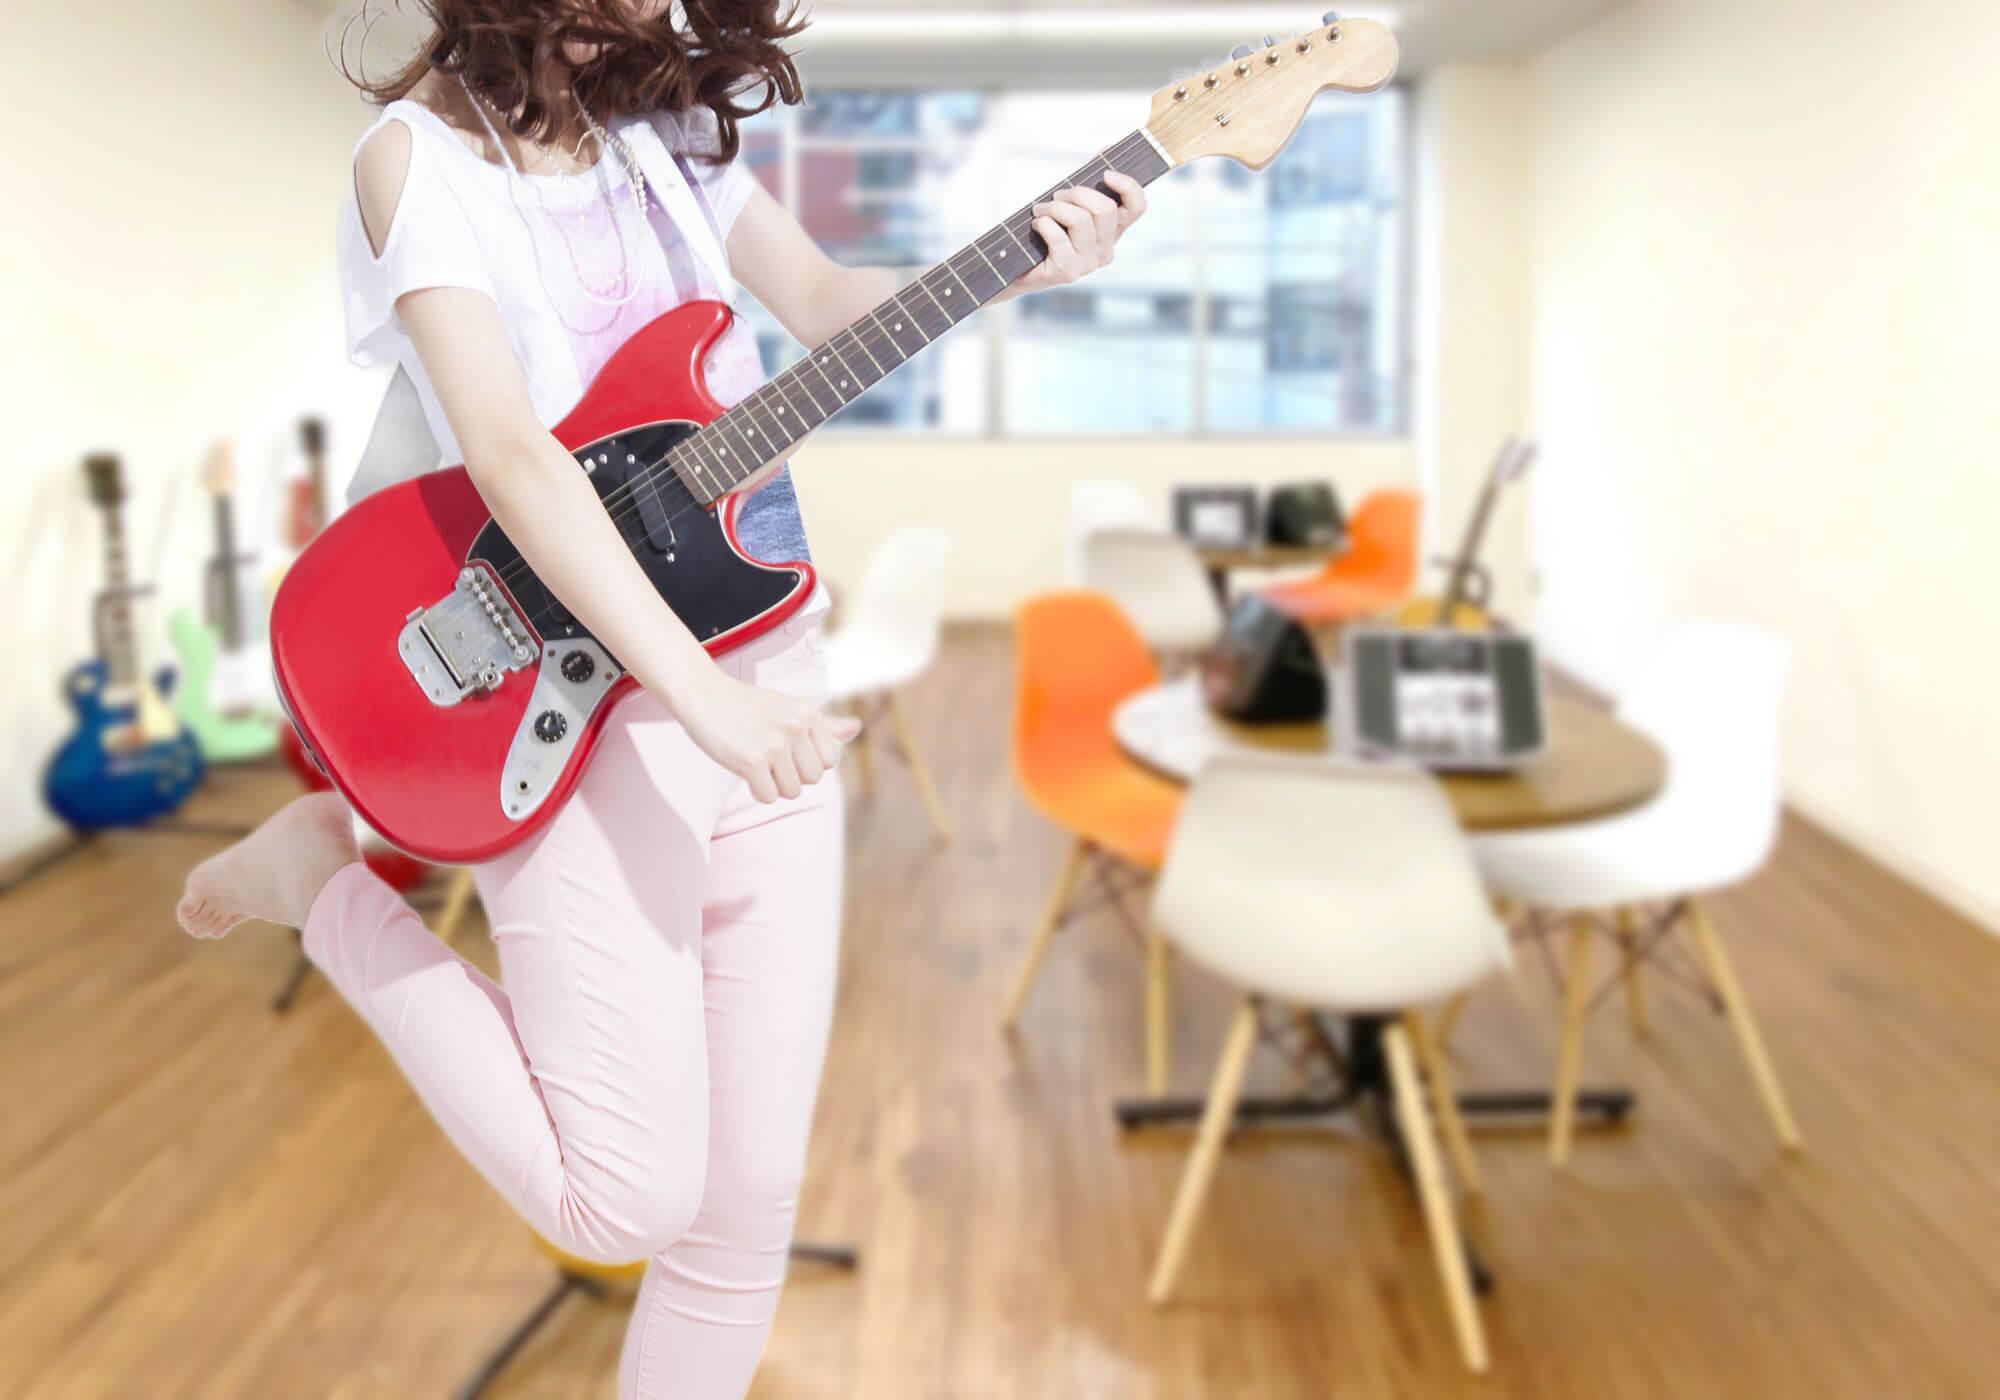 東京【立川】のギター教室|MUZYX[ミュージックス]